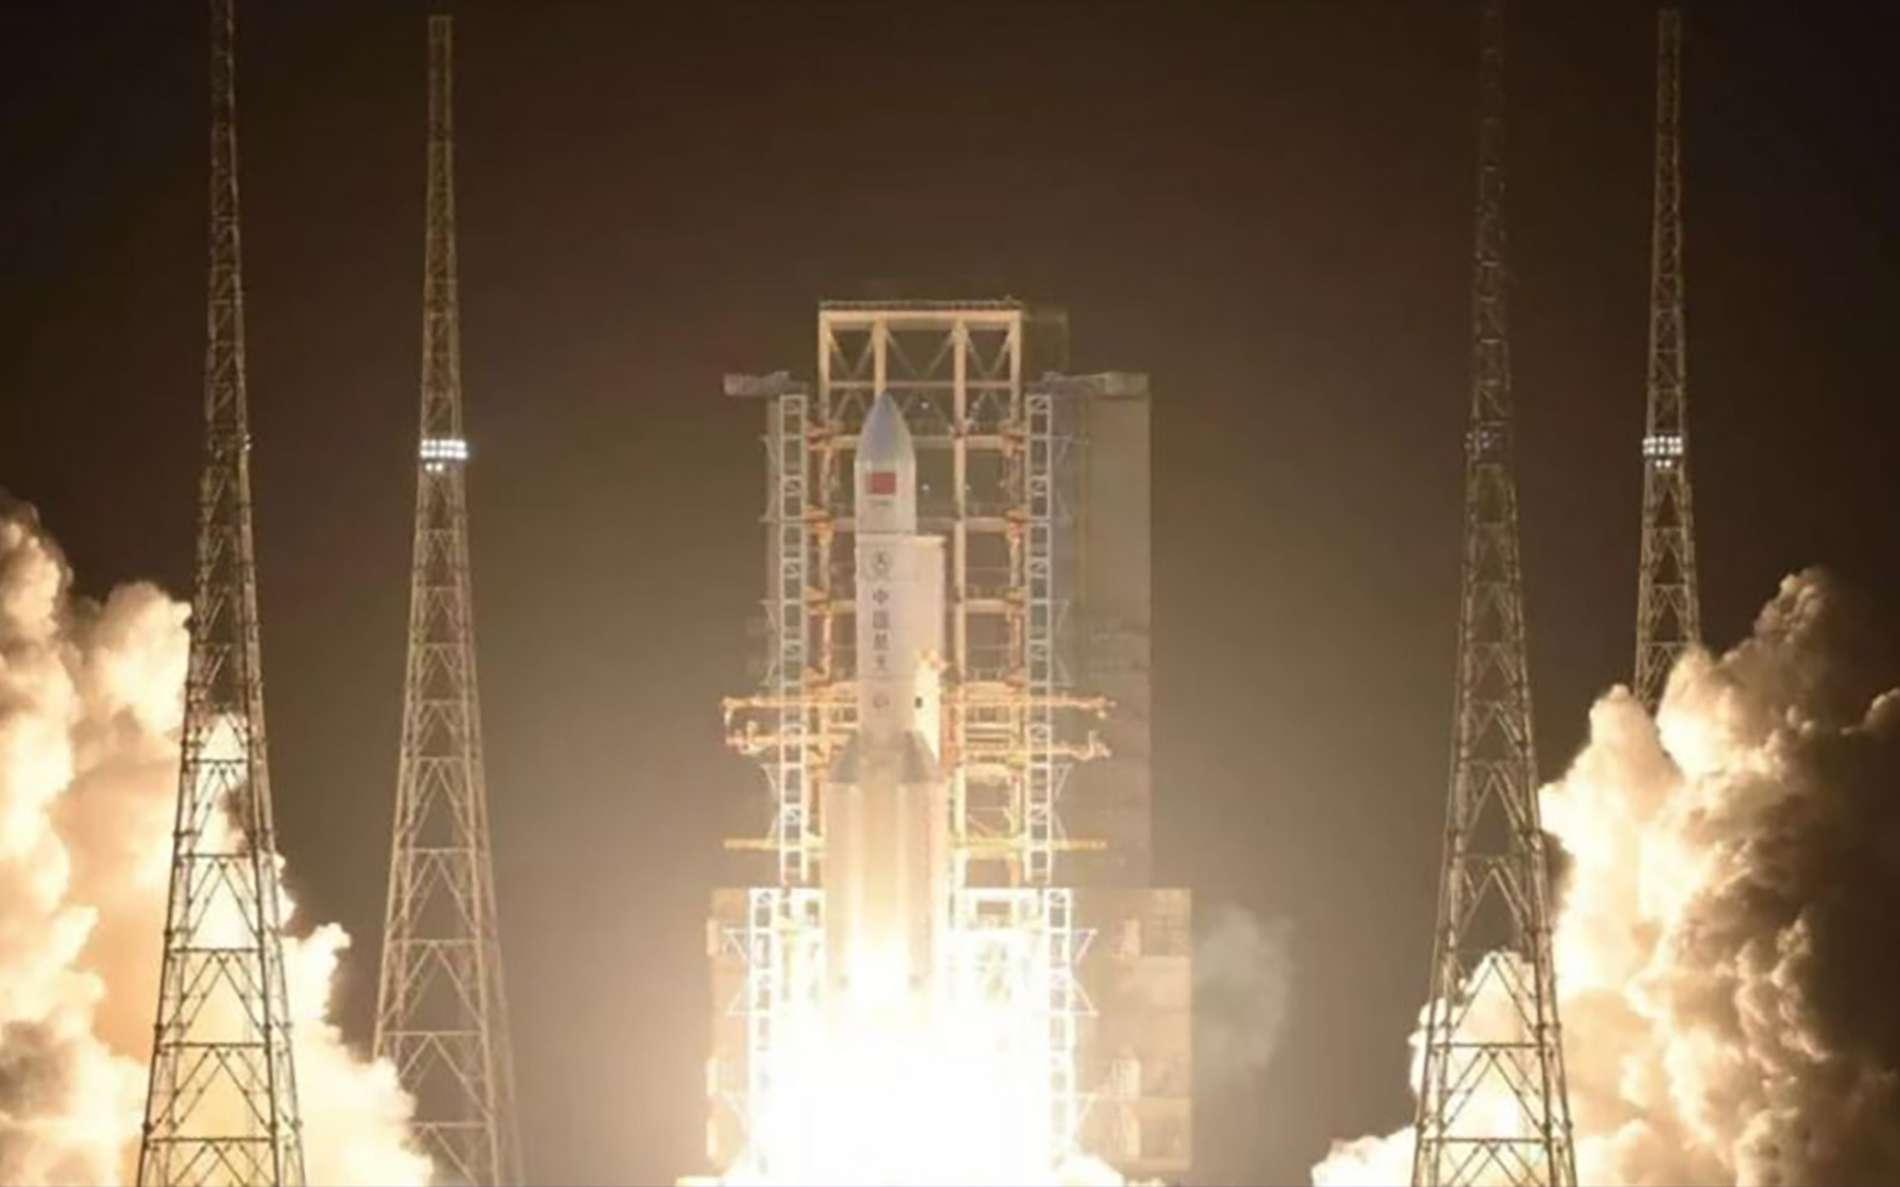 Décollage du Longue March 5 (CZ-5) pour son troisième vol d'essai, le premier depuis l'échec du précédent vol survenu en juillet 2017. Le lancement a eu lieu depuis Wenchang, une base de lancement située sur l'île d'Hainan. © Casc